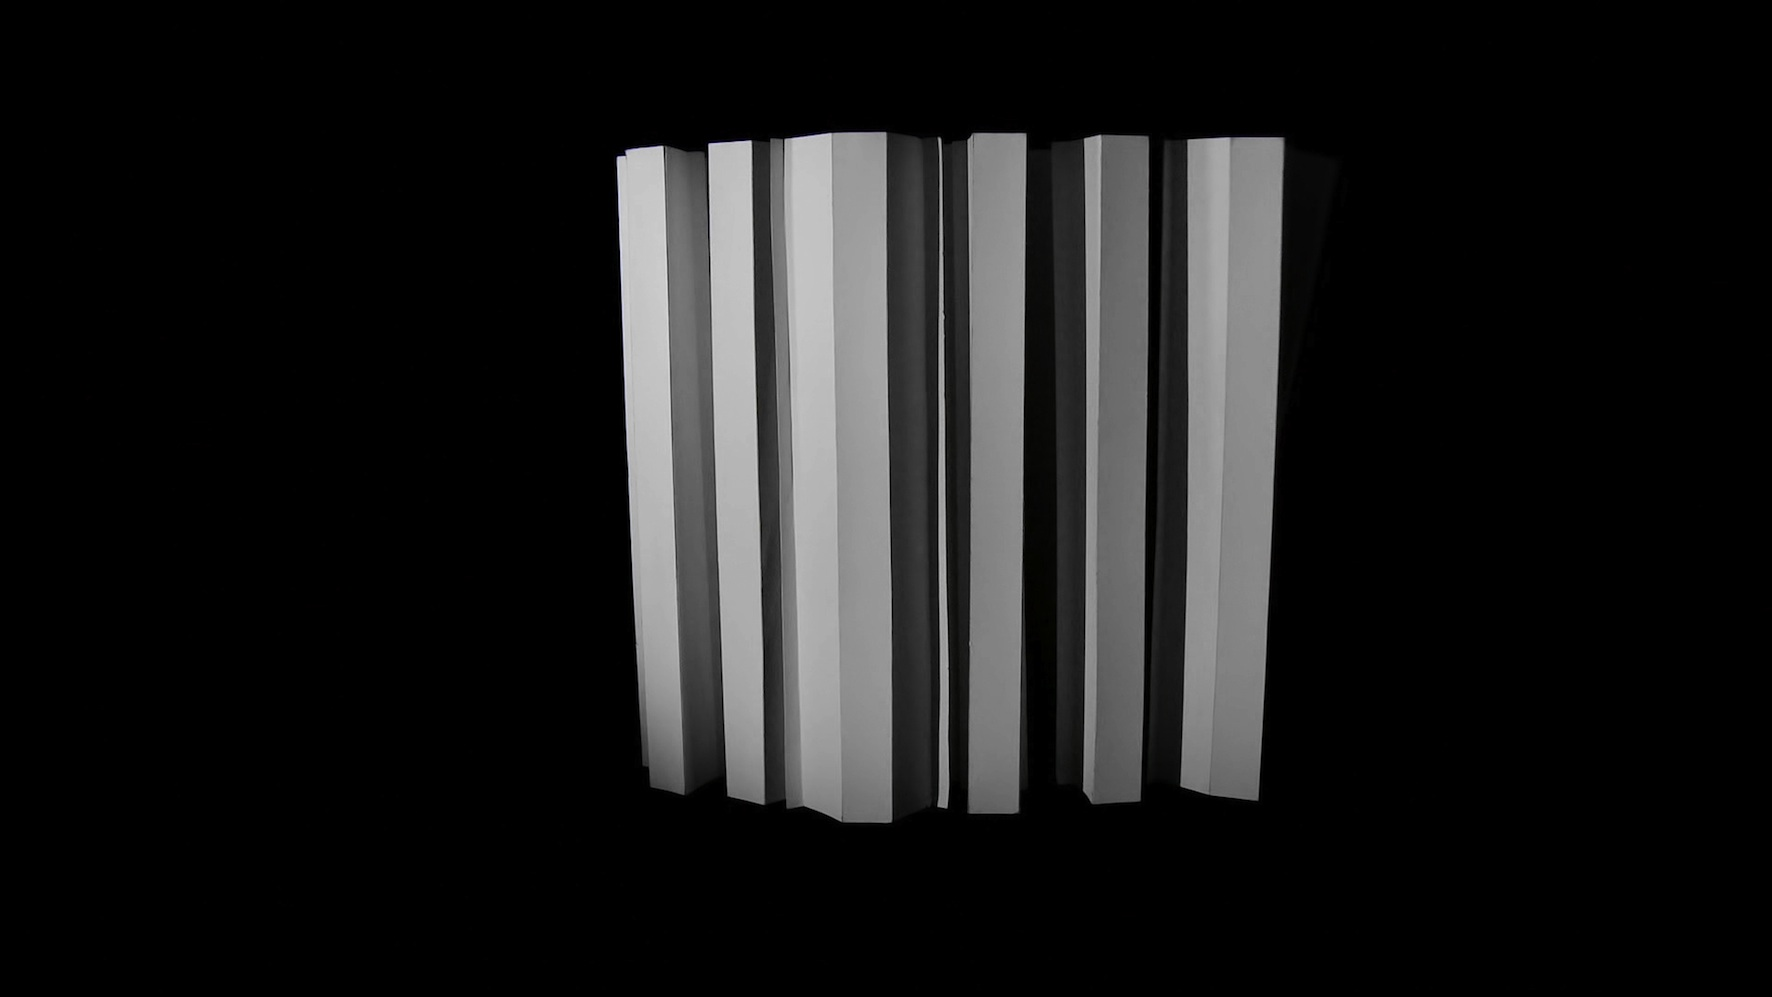 Sculpture Sequence, 2012